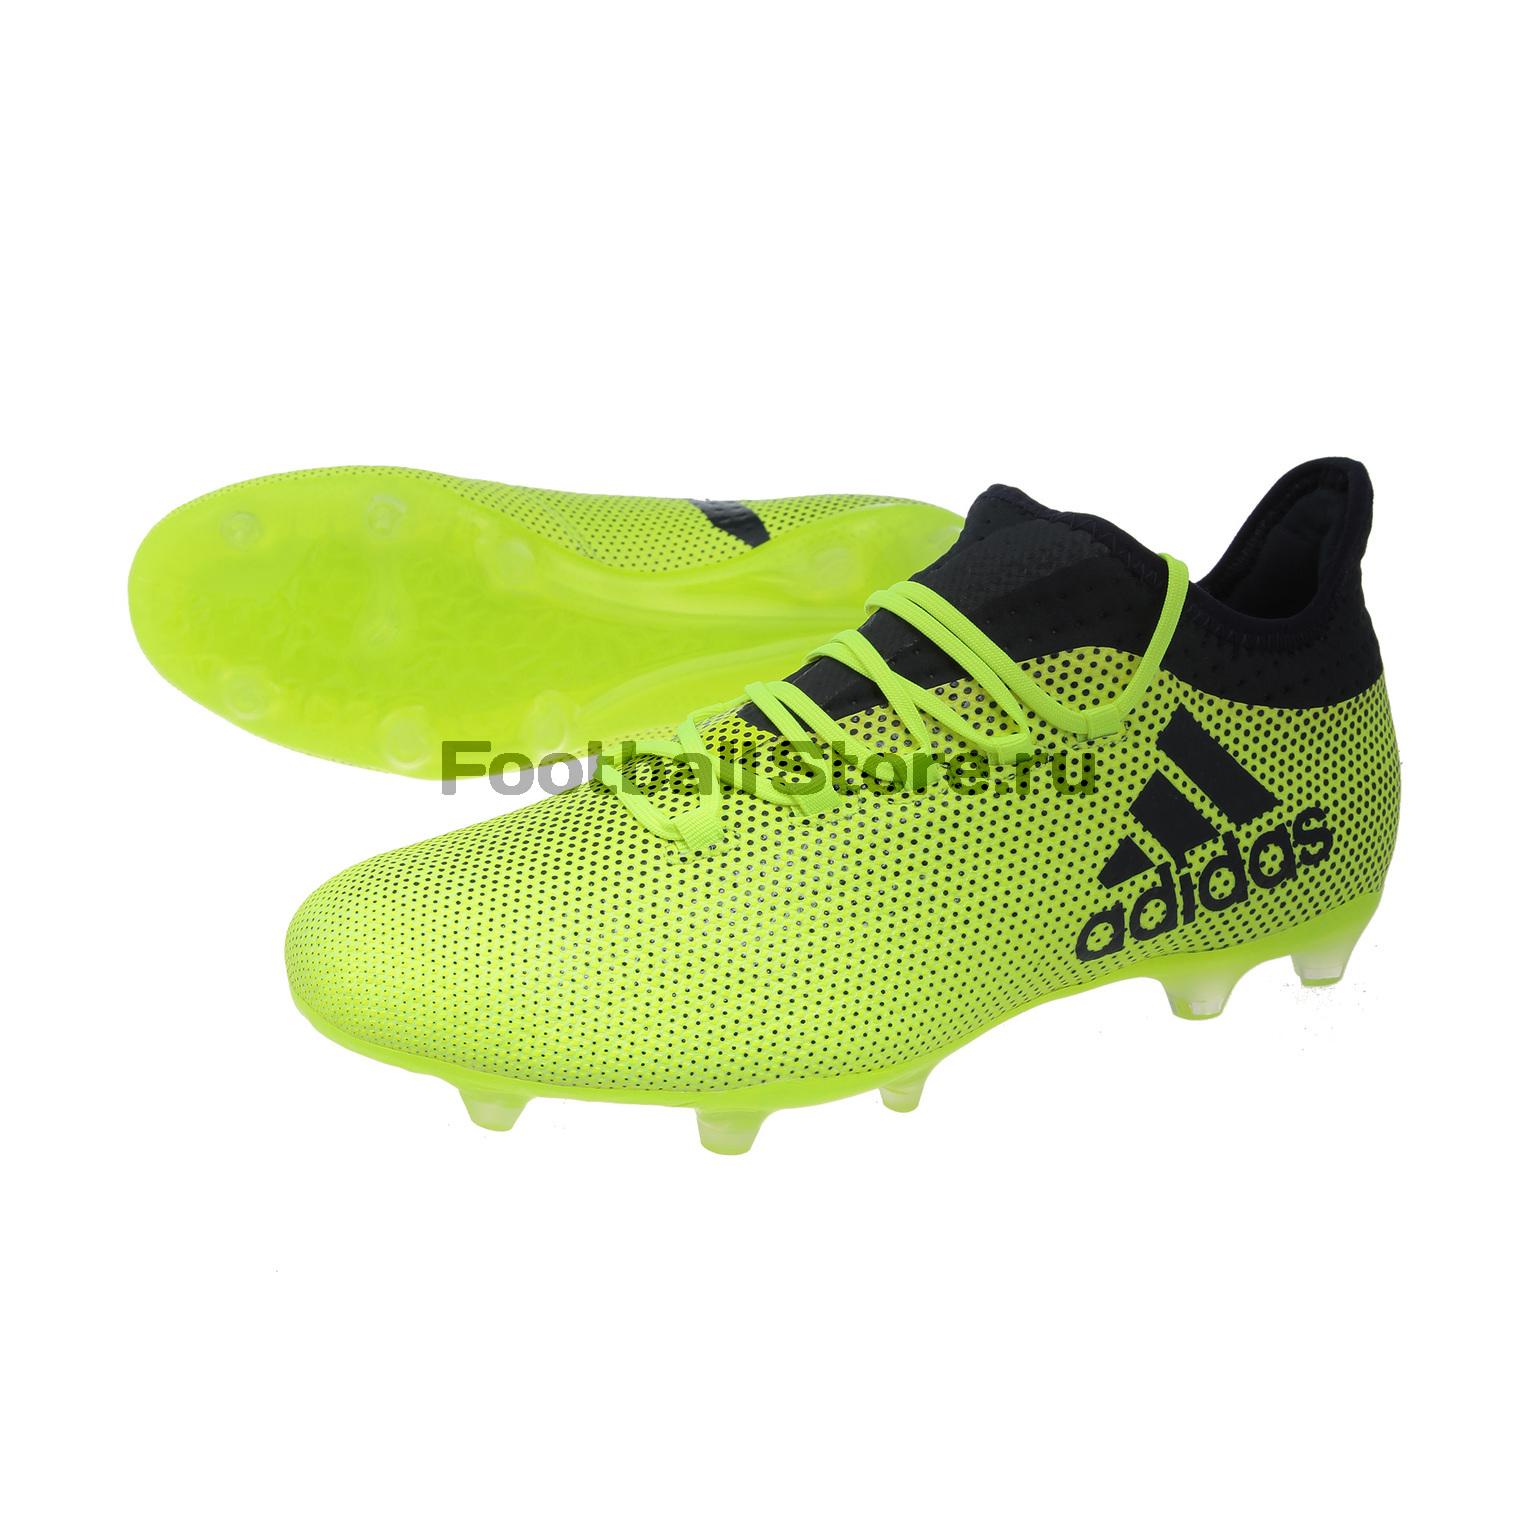 Бутсы Adidas X 17.2 FG S82325 детские бутсы nike бутсы nike jr phantom 3 elite df fg ah7292 081